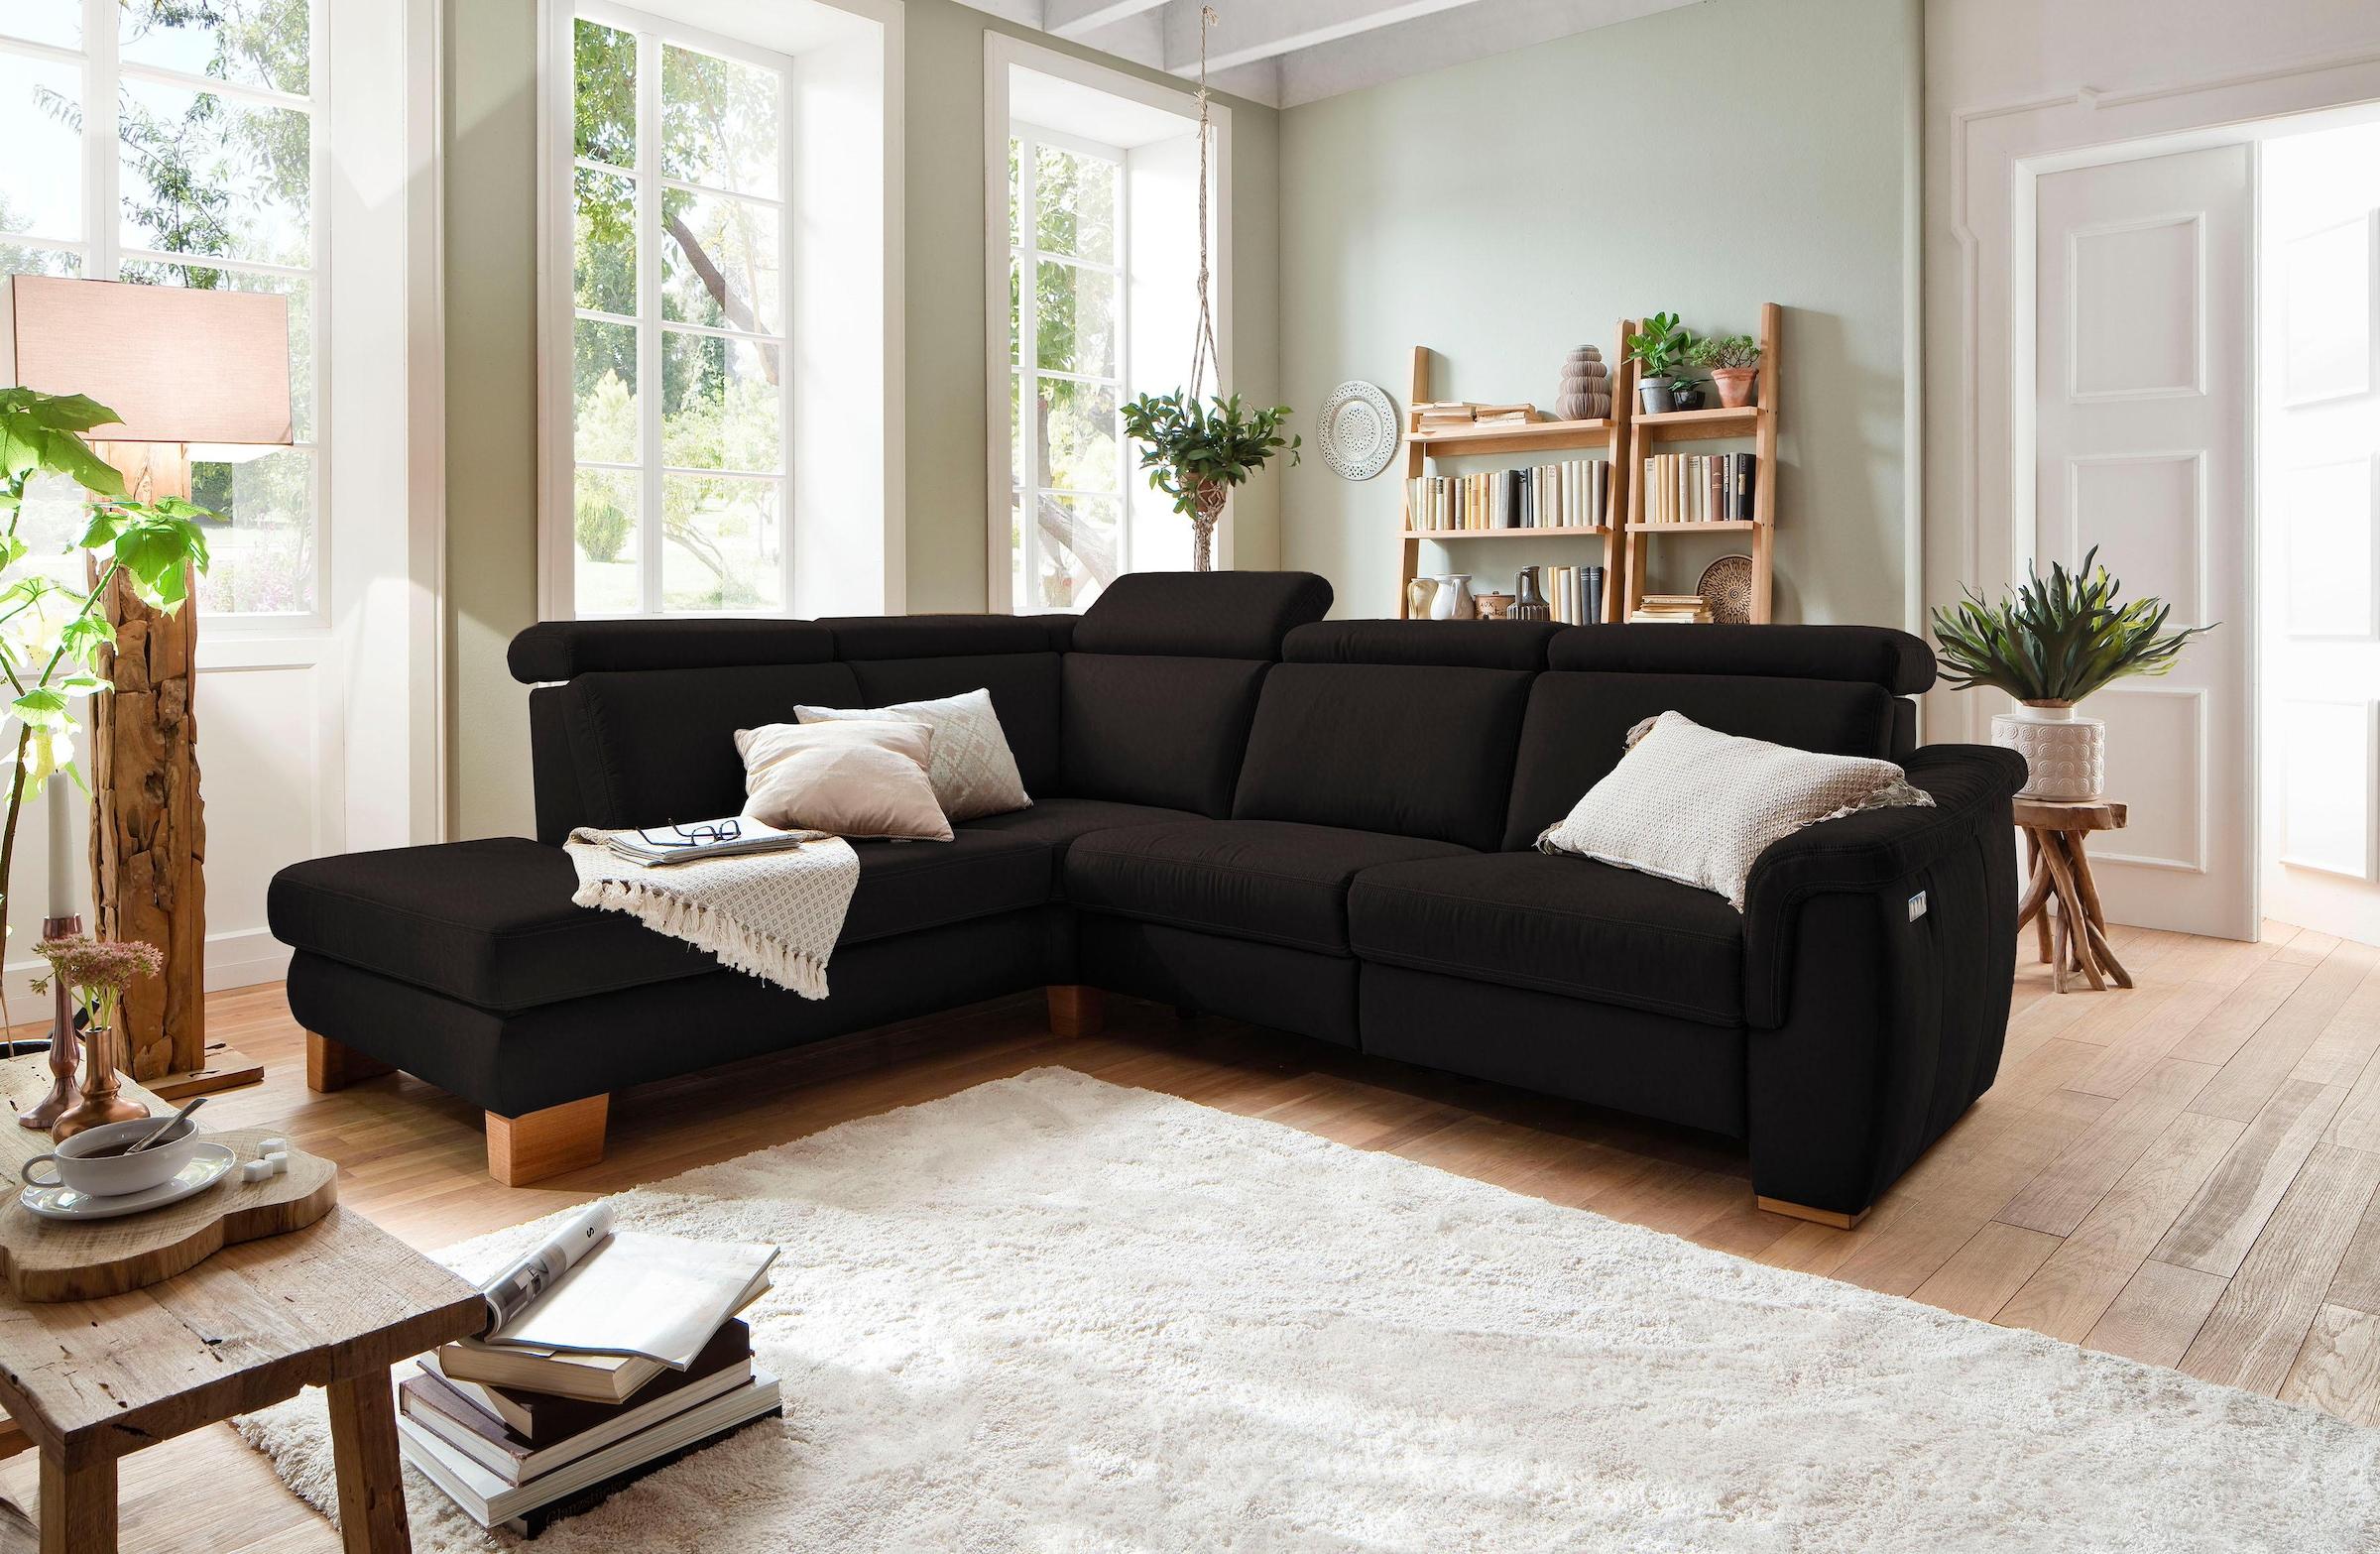 Günstig Atshop24 Kaufen über Online Möbel Shop24 Jtl1kcf